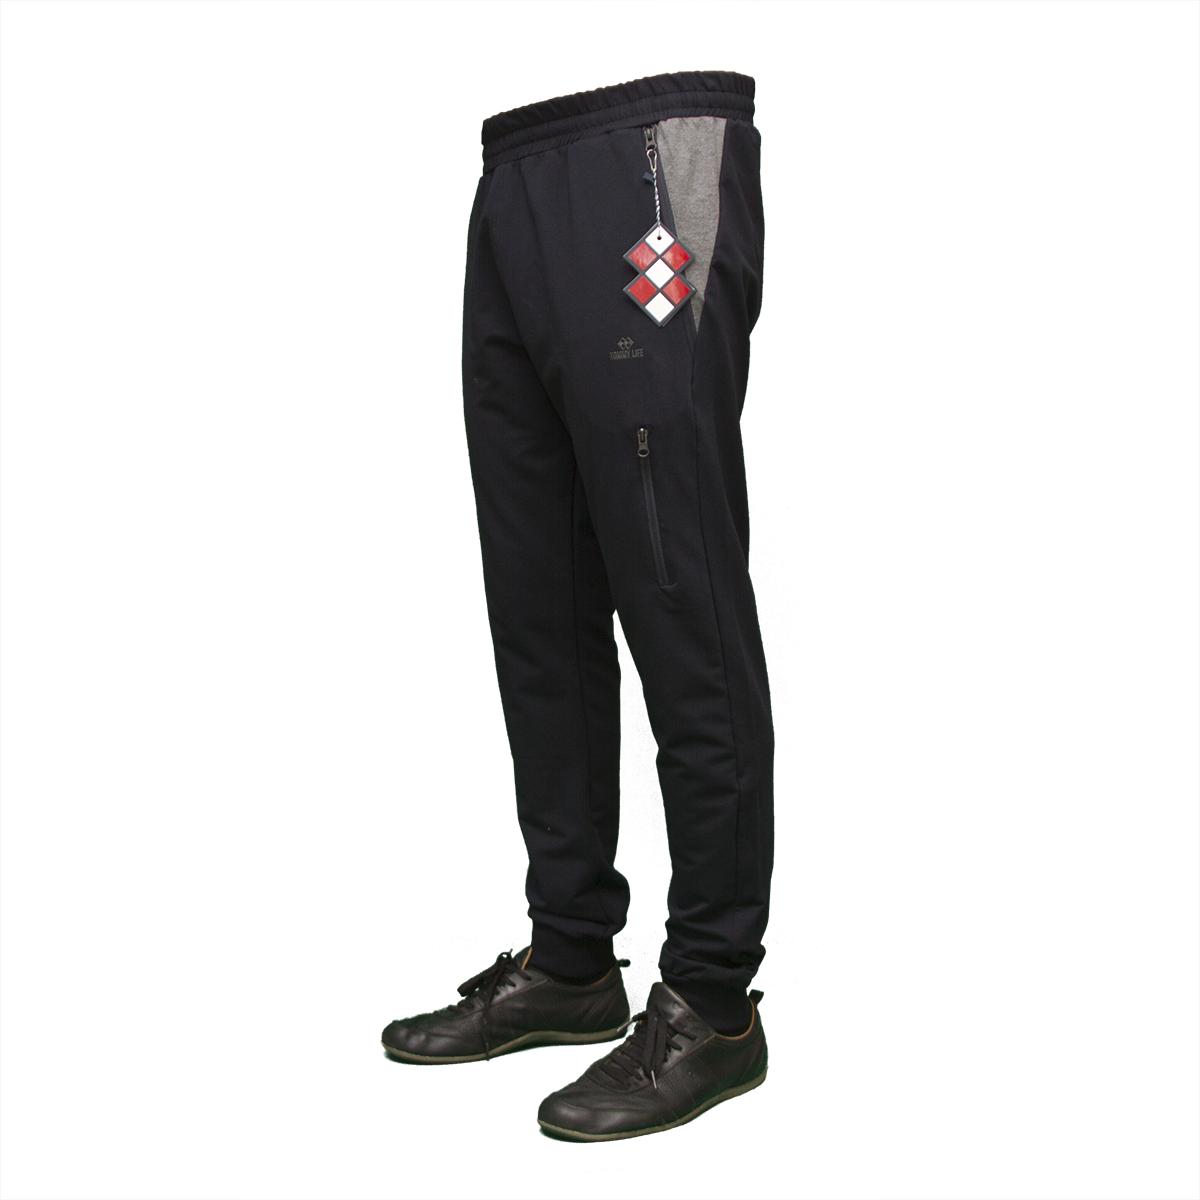 Турецкие спортивные брюки под манжет TOMMY LIFE фабрика 84331